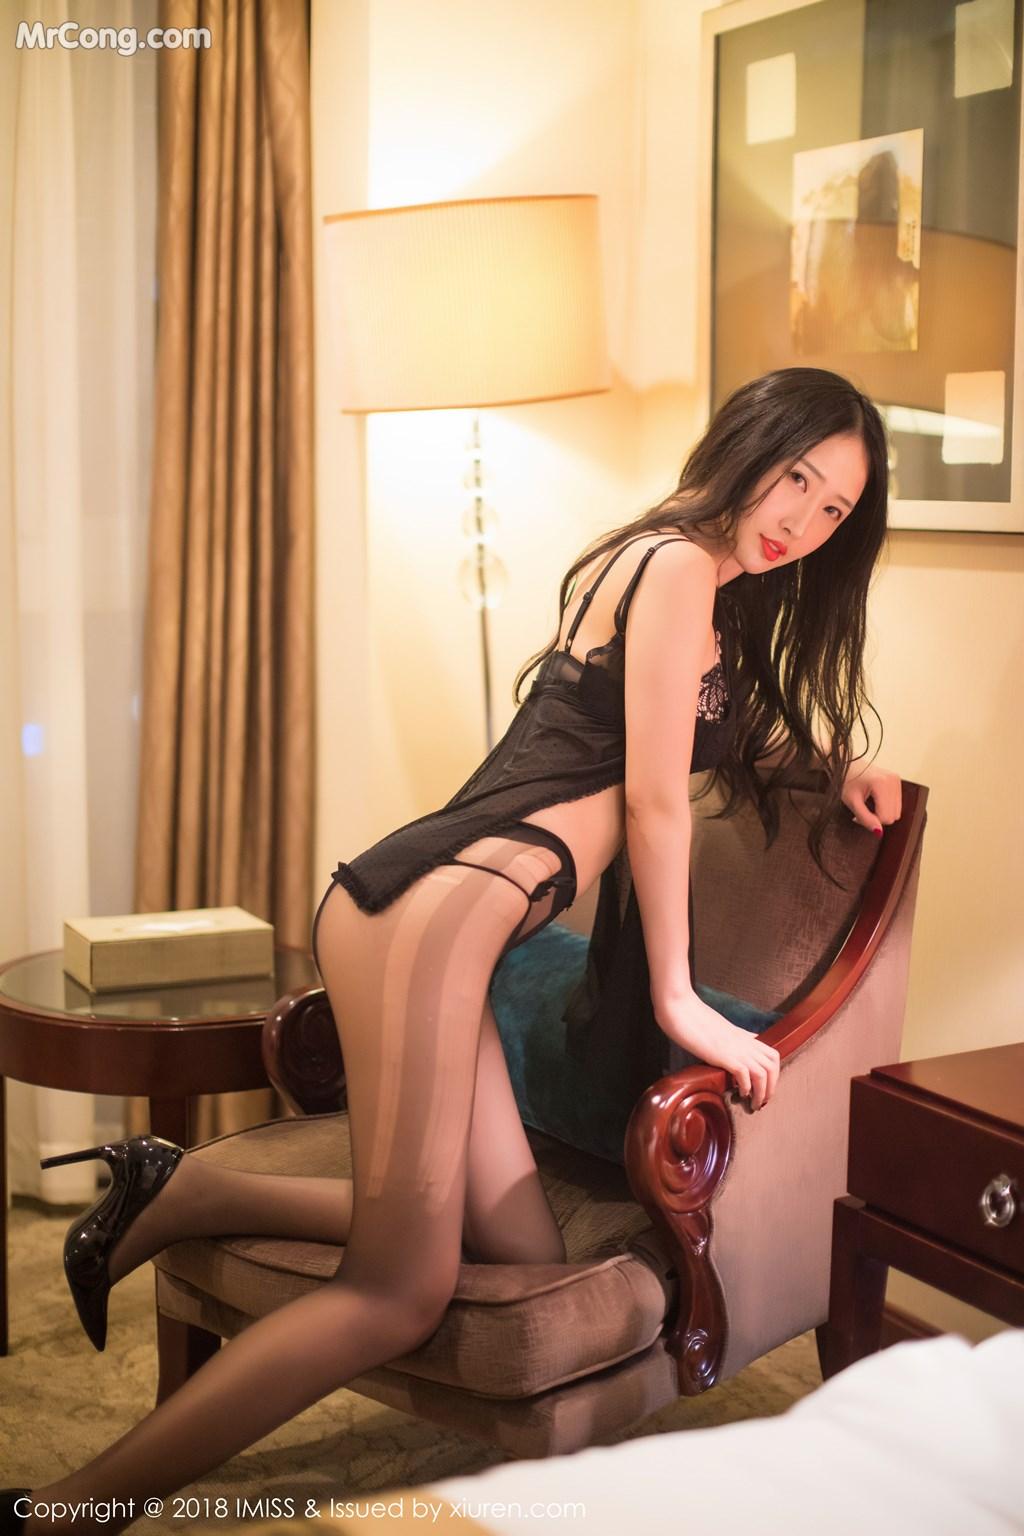 Image IMISS-Vol.246-Yu-Xin-Yan-MrCong.com-004 in post IMISS Vol.246: Người mẫu Yu Xin Yan (余馨妍) (42 ảnh)